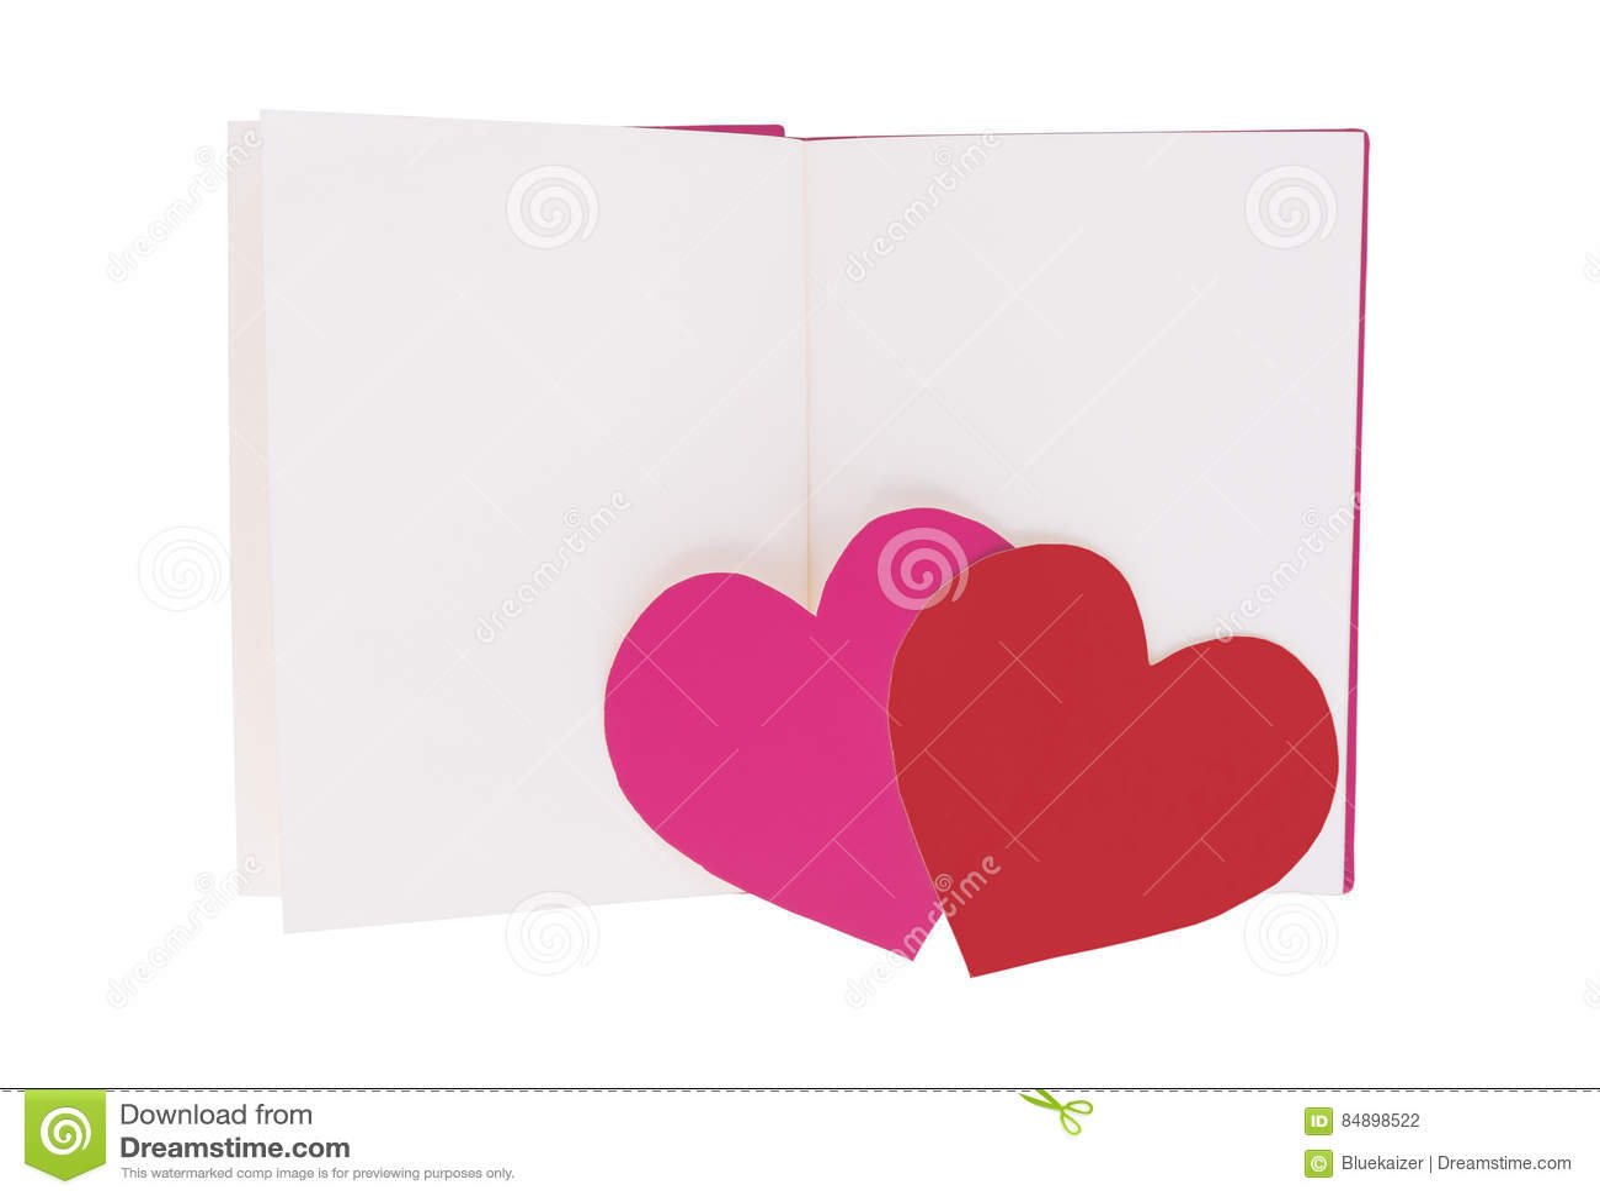 Coração de papel cor-de-rosa e vermelho no livro aberto da placa isolado no branco